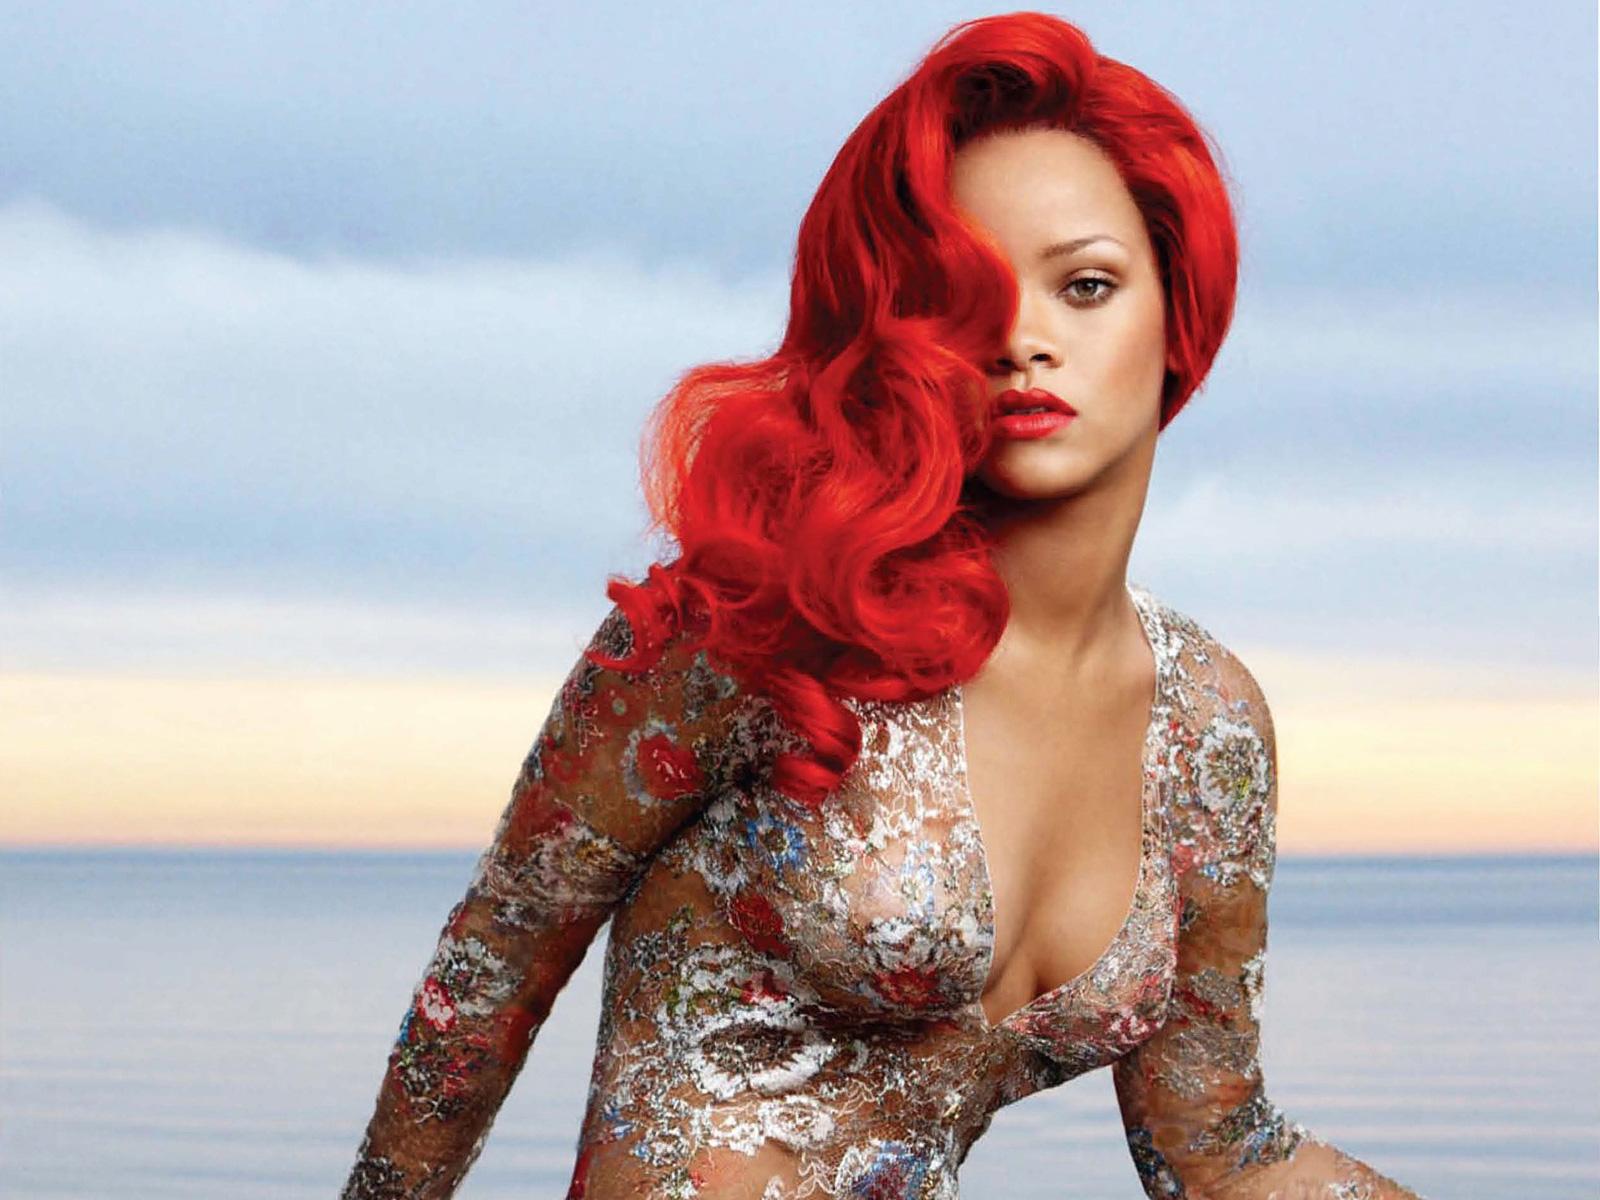 Стриптизерша с красными волосами 12 фотография